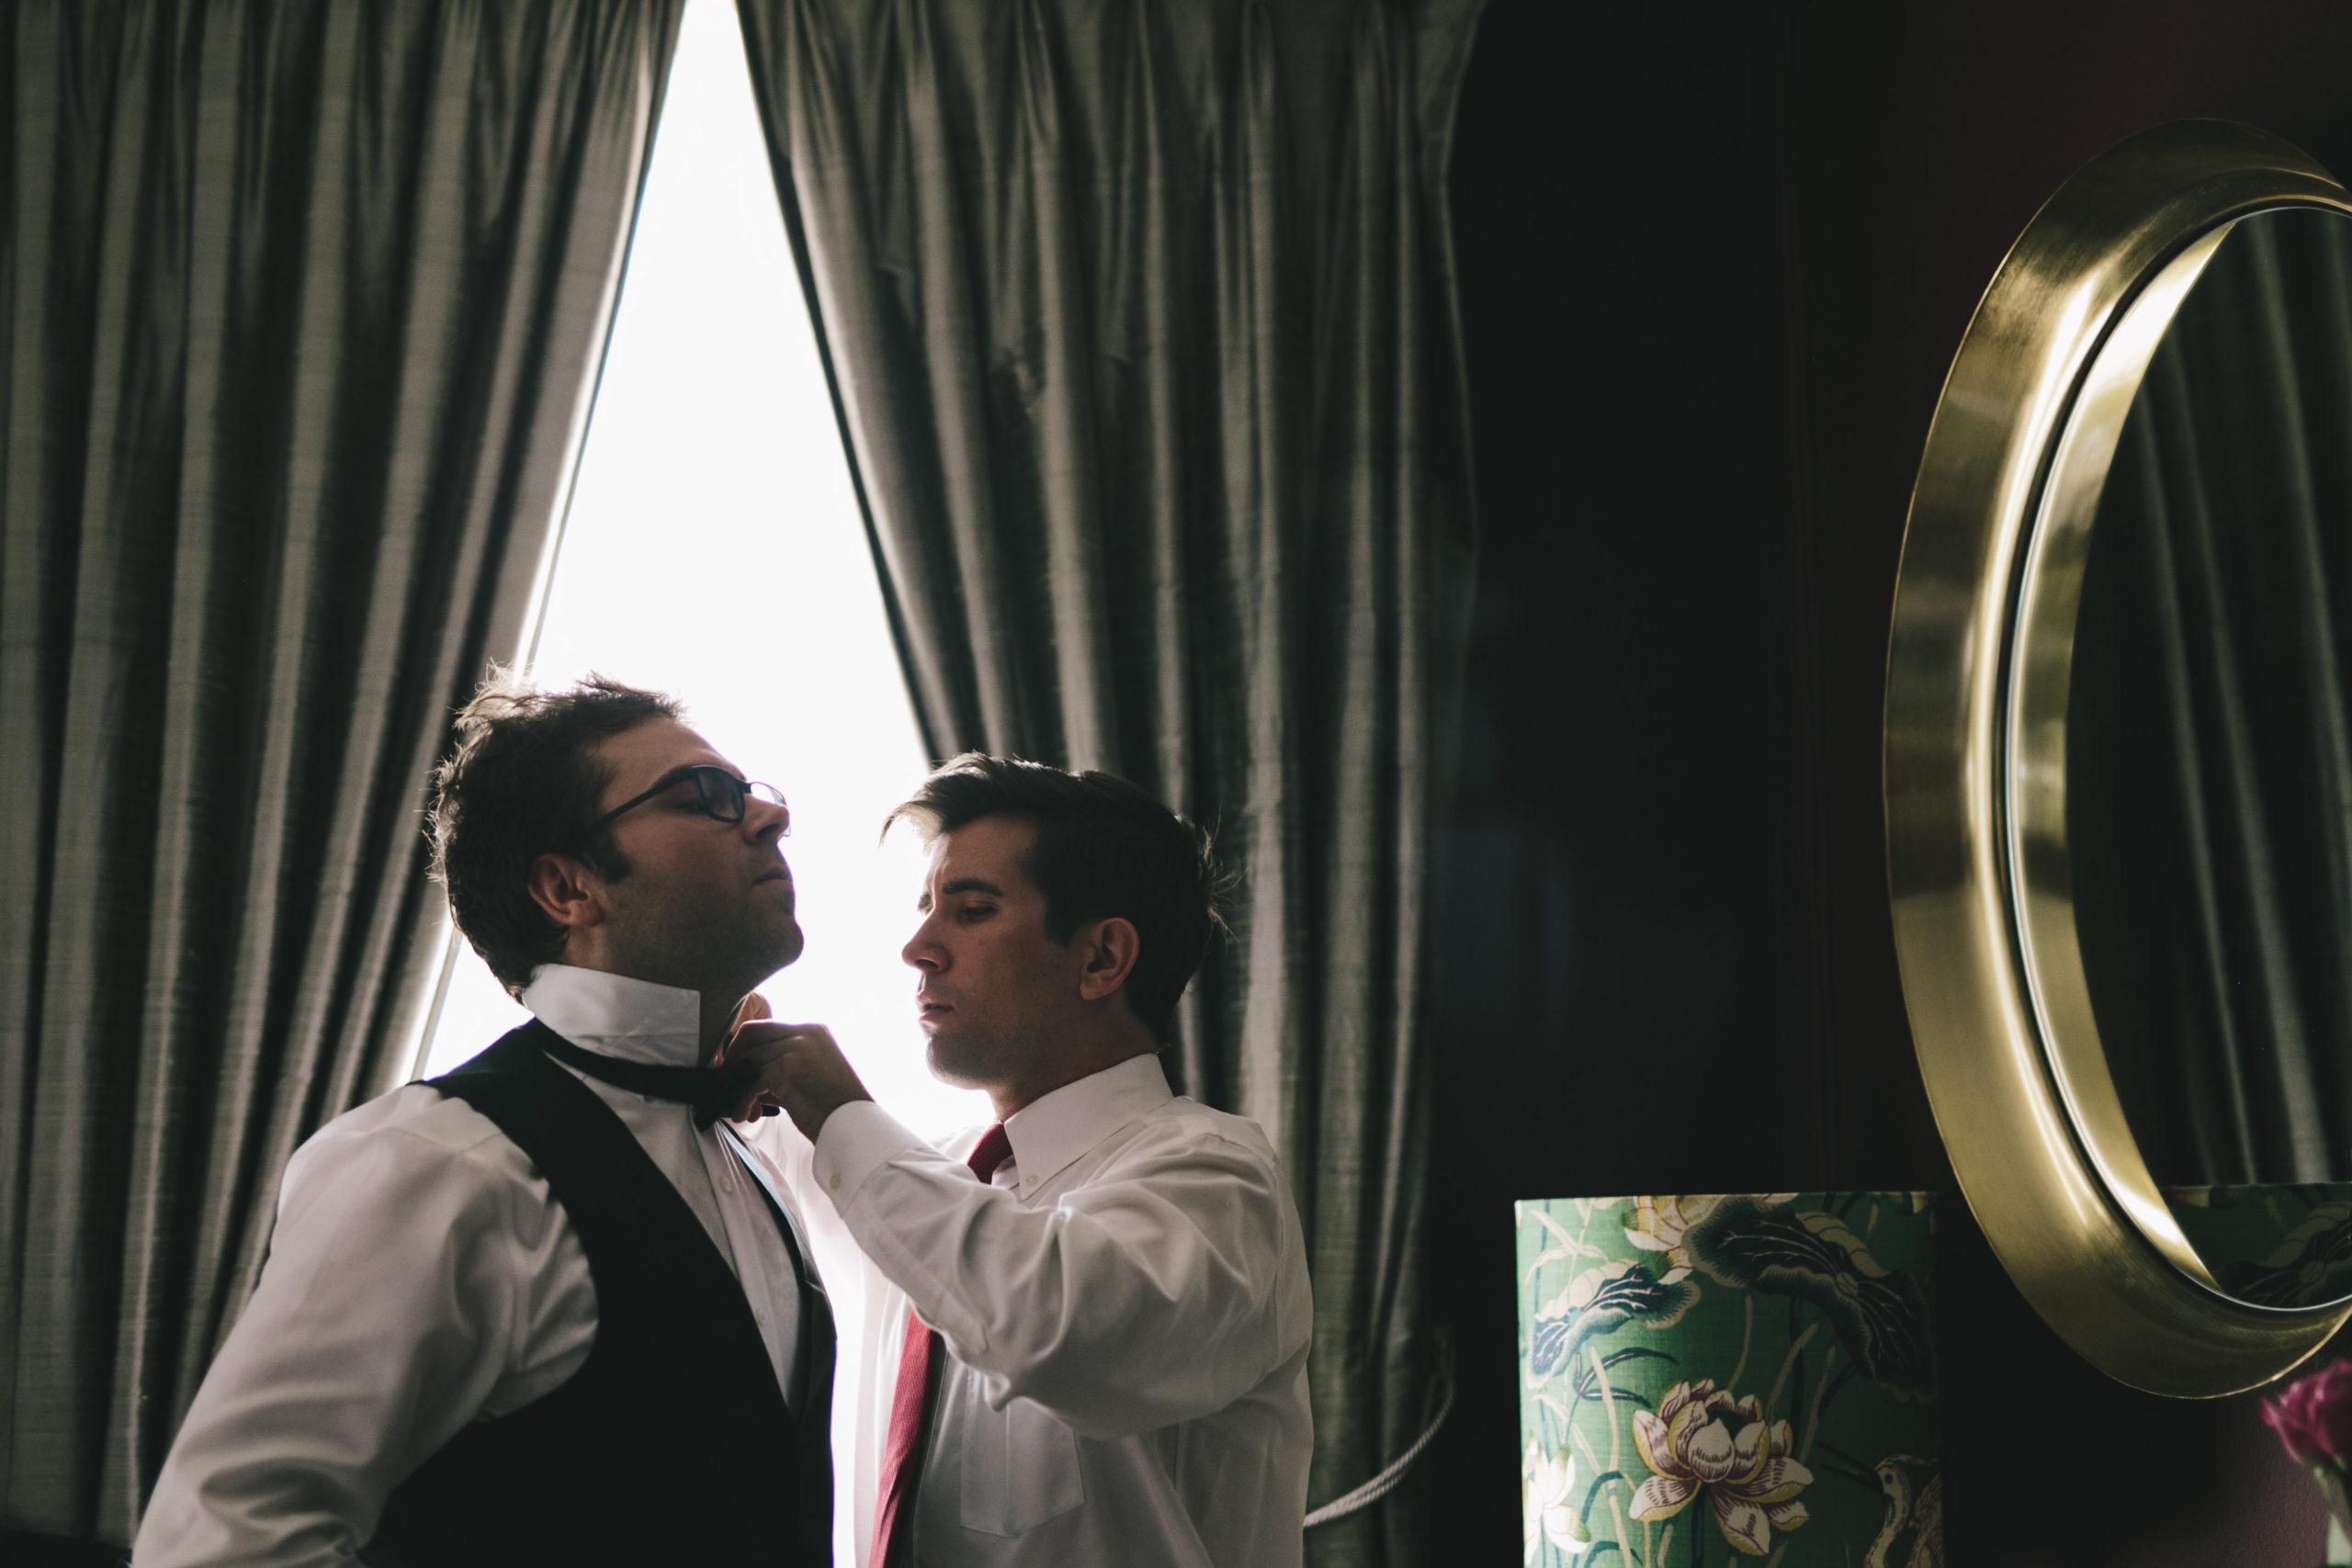 Best man adjusts grooms tie